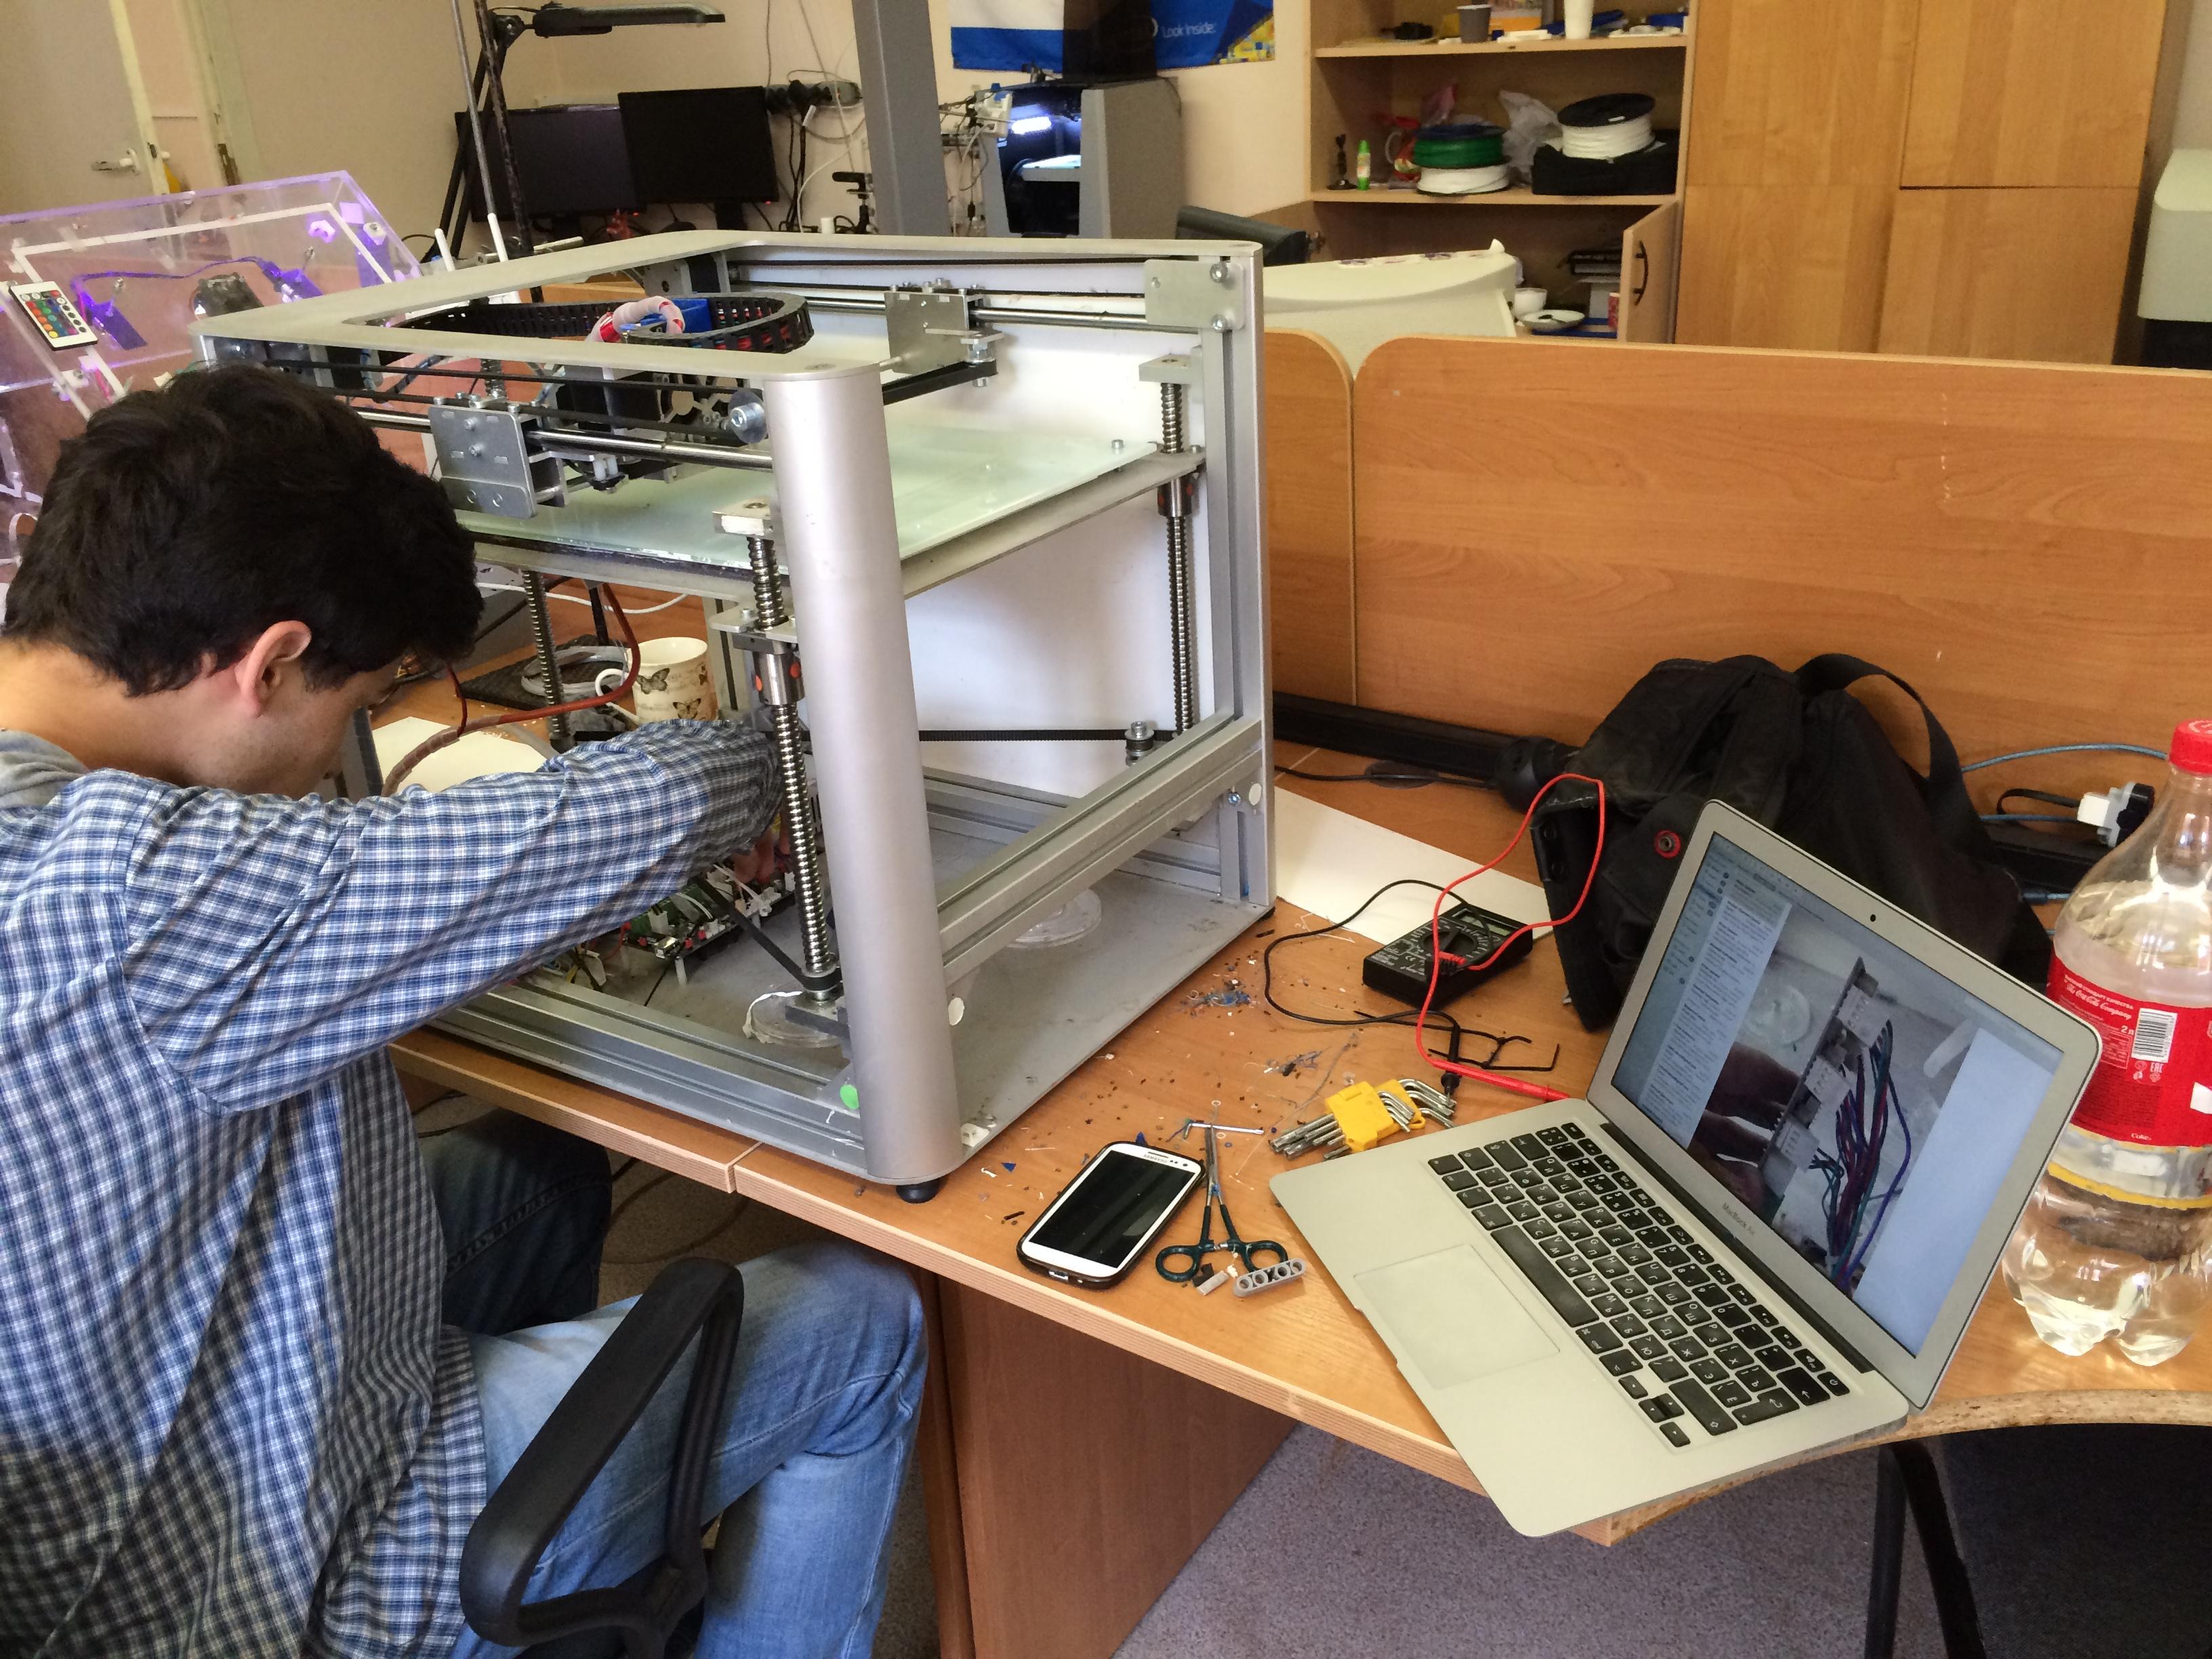 Устанавливаем новую плату Arduino, полученную из Франции